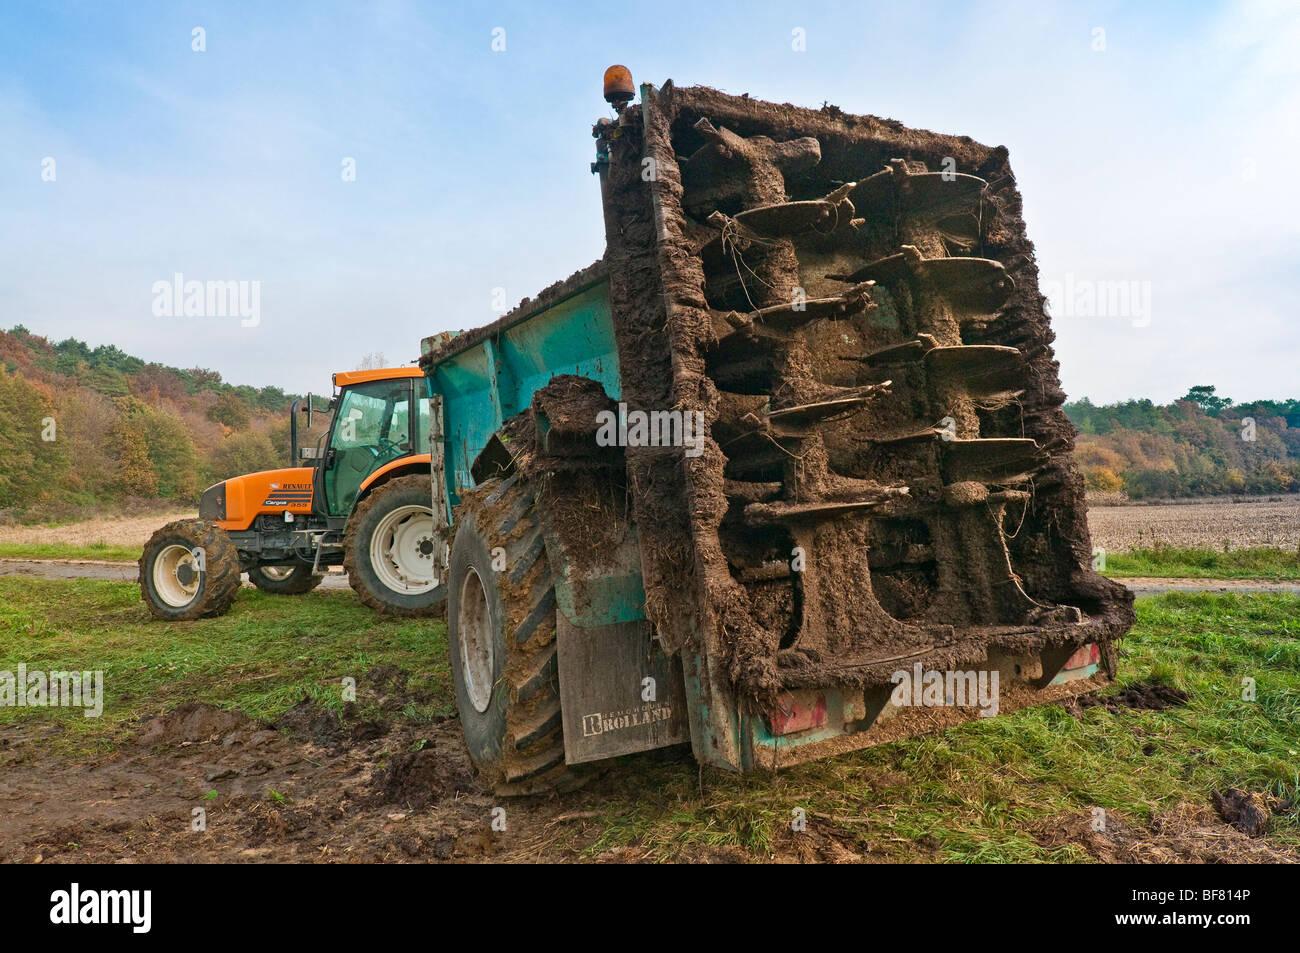 Back of Rolland manure spreader trailer - France. - Stock Image